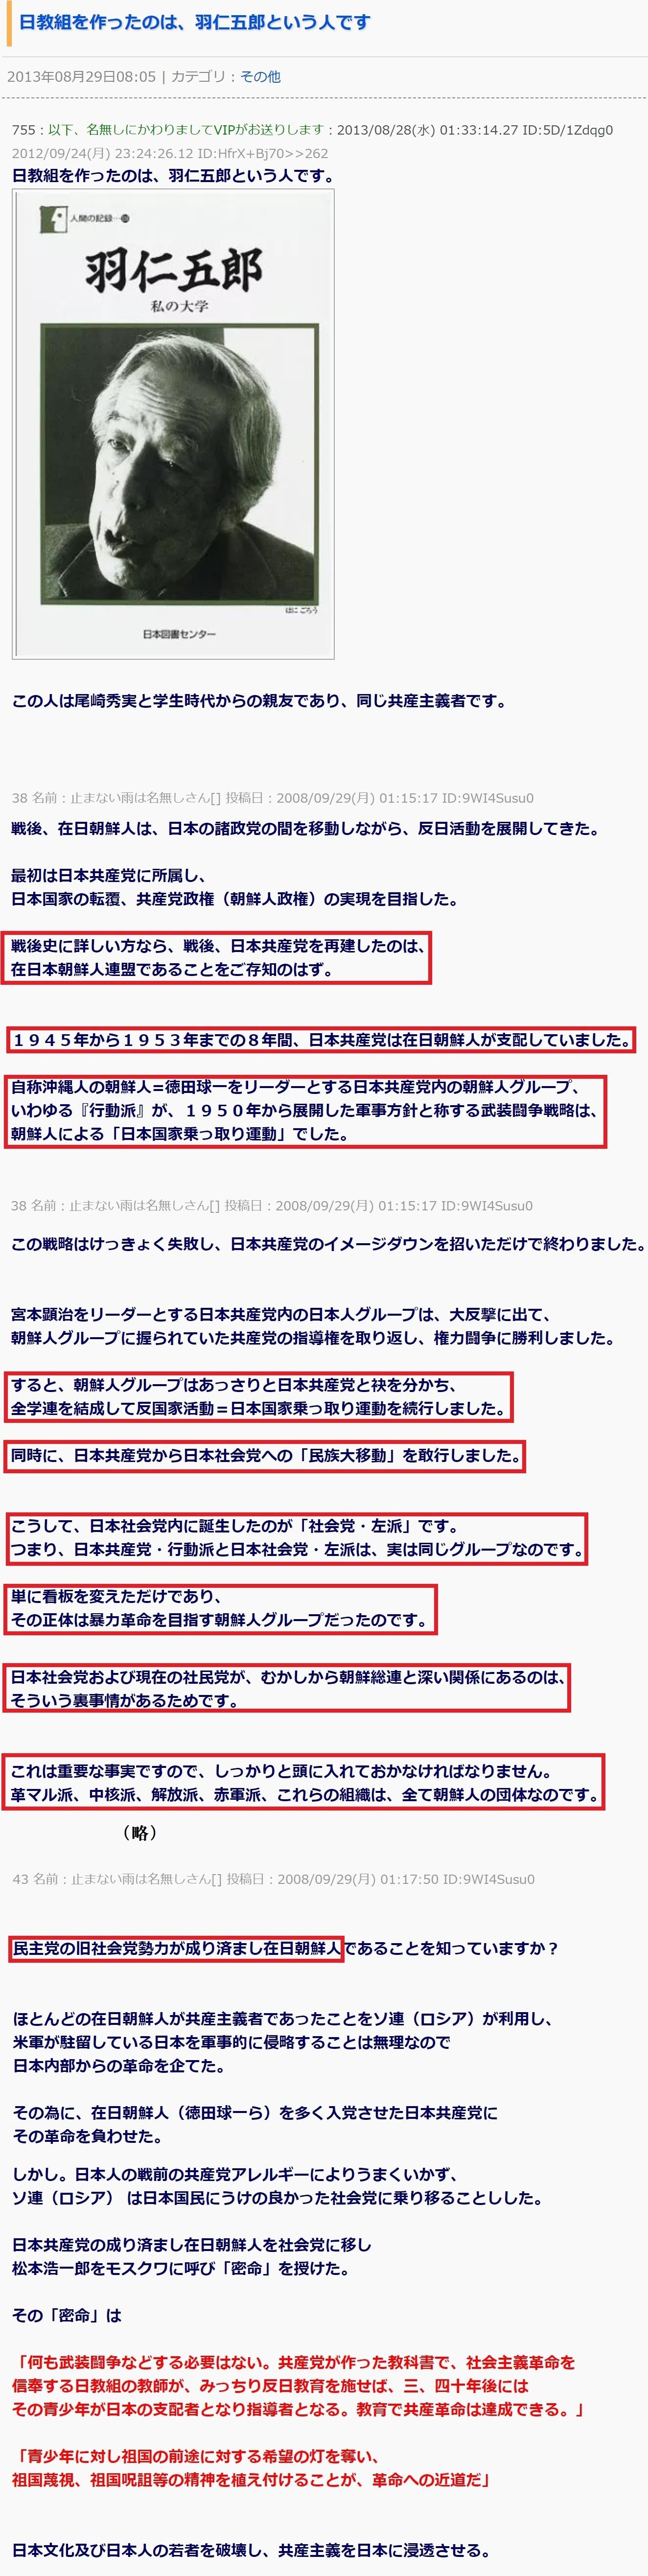 共産党行動派と社会党左派を作ったのは同じ反日在日朝鮮人